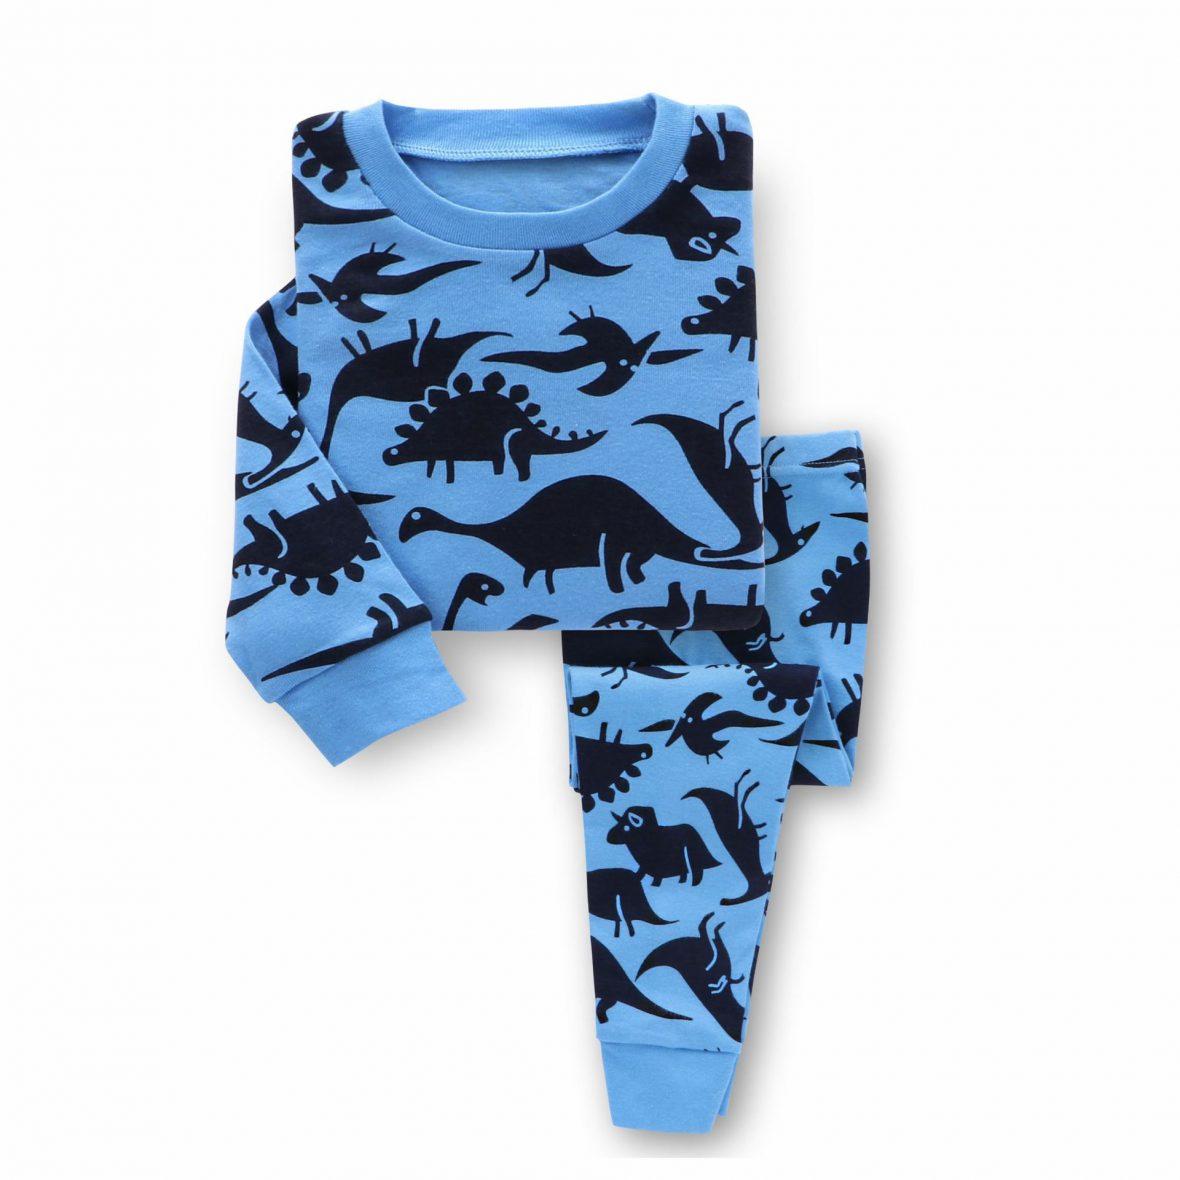 Boys Blue Pajamas with Dinosaur Pattern